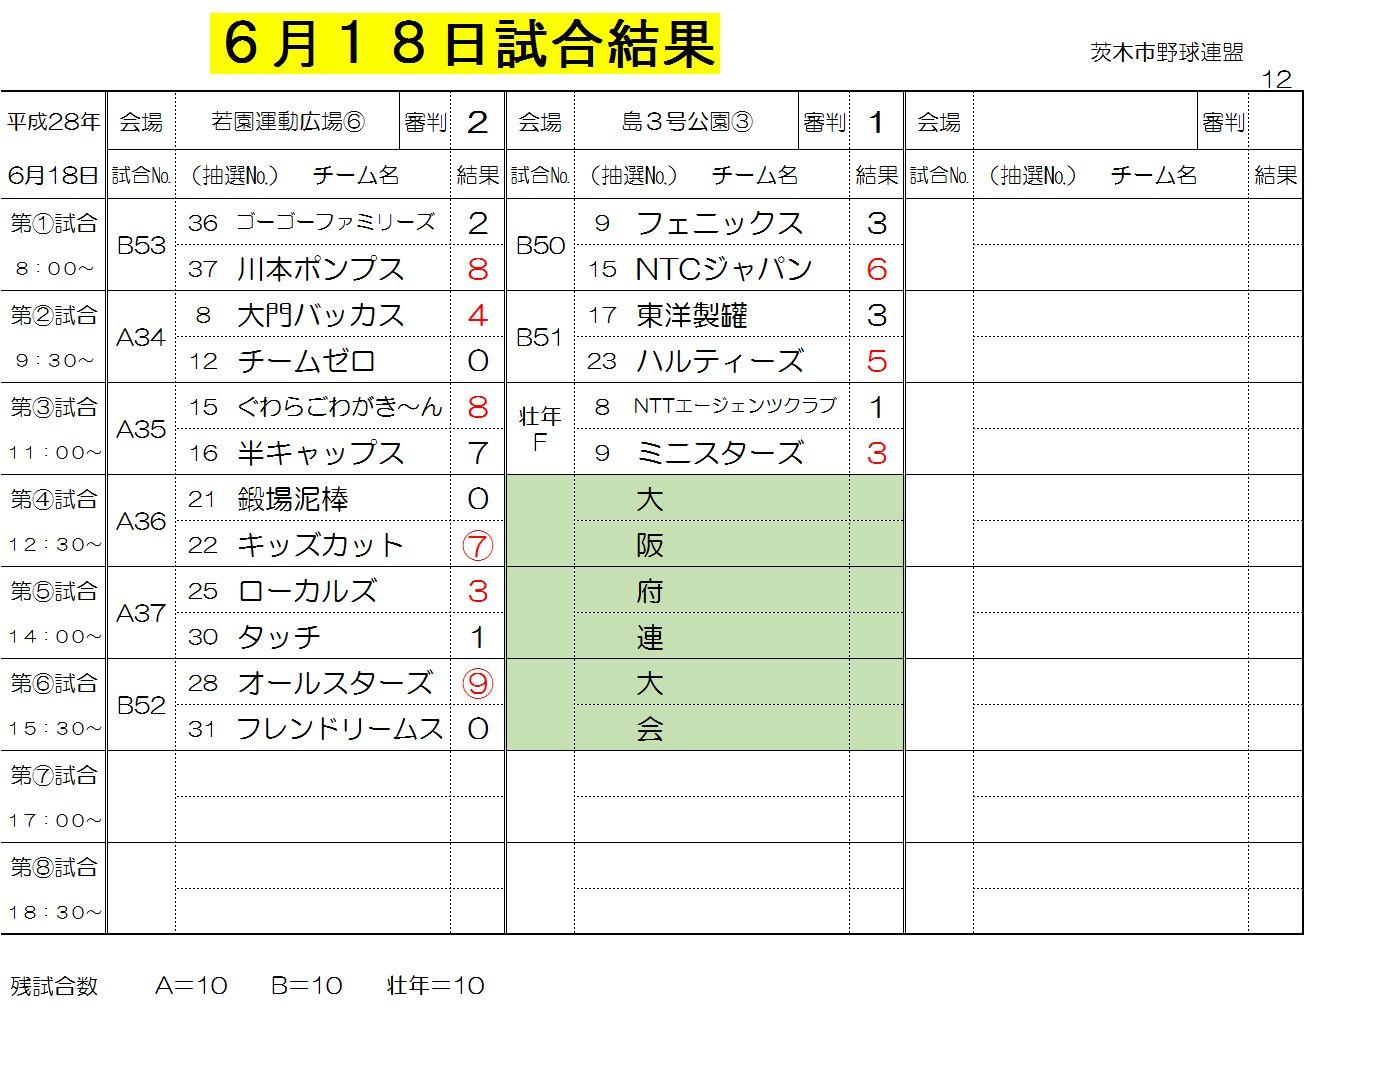 6月18日試合結果